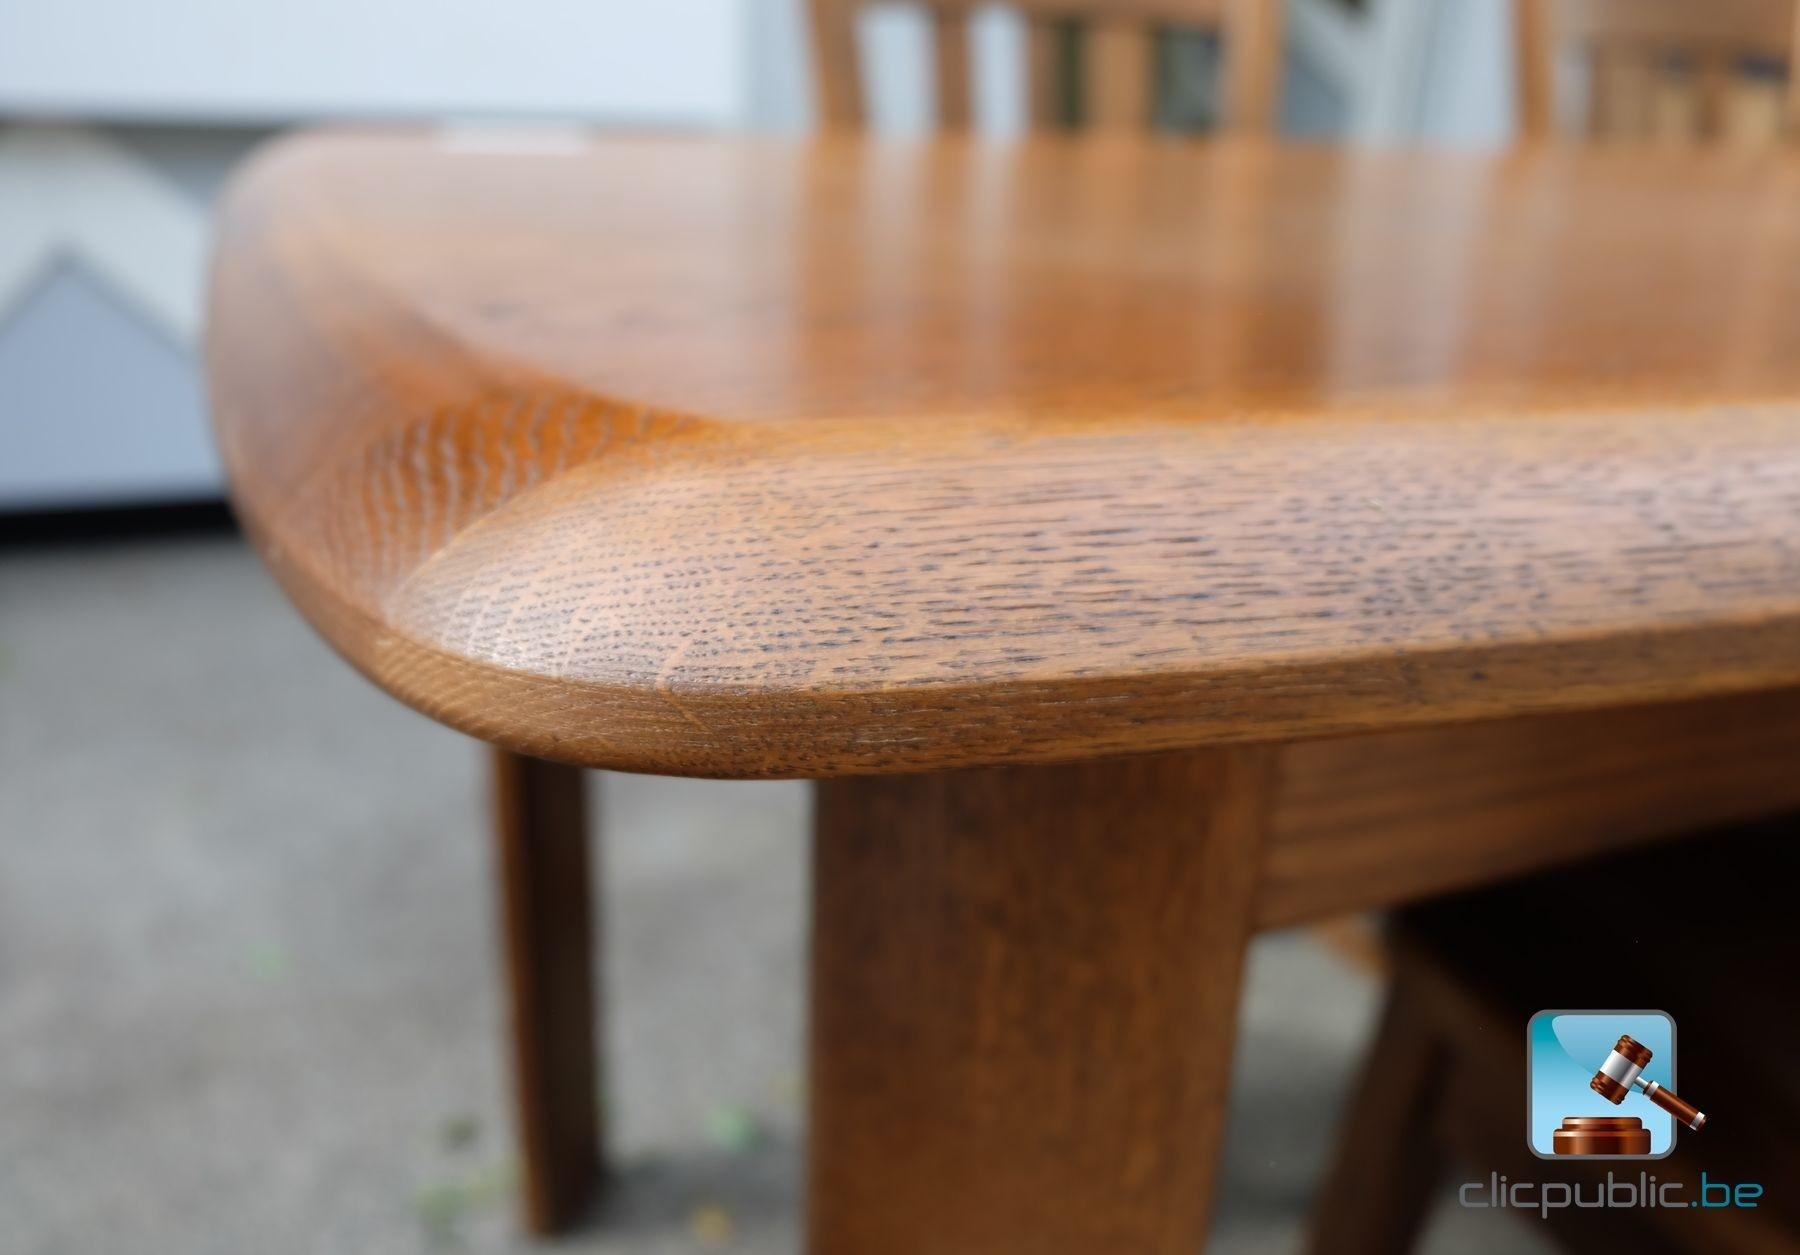 #623B1F Table De Salle à Manger En Chêne Massif Lamellé Collé (ref  3557 salle à manger en chêne massif à vendre 1800x1255 px @ aertt.com